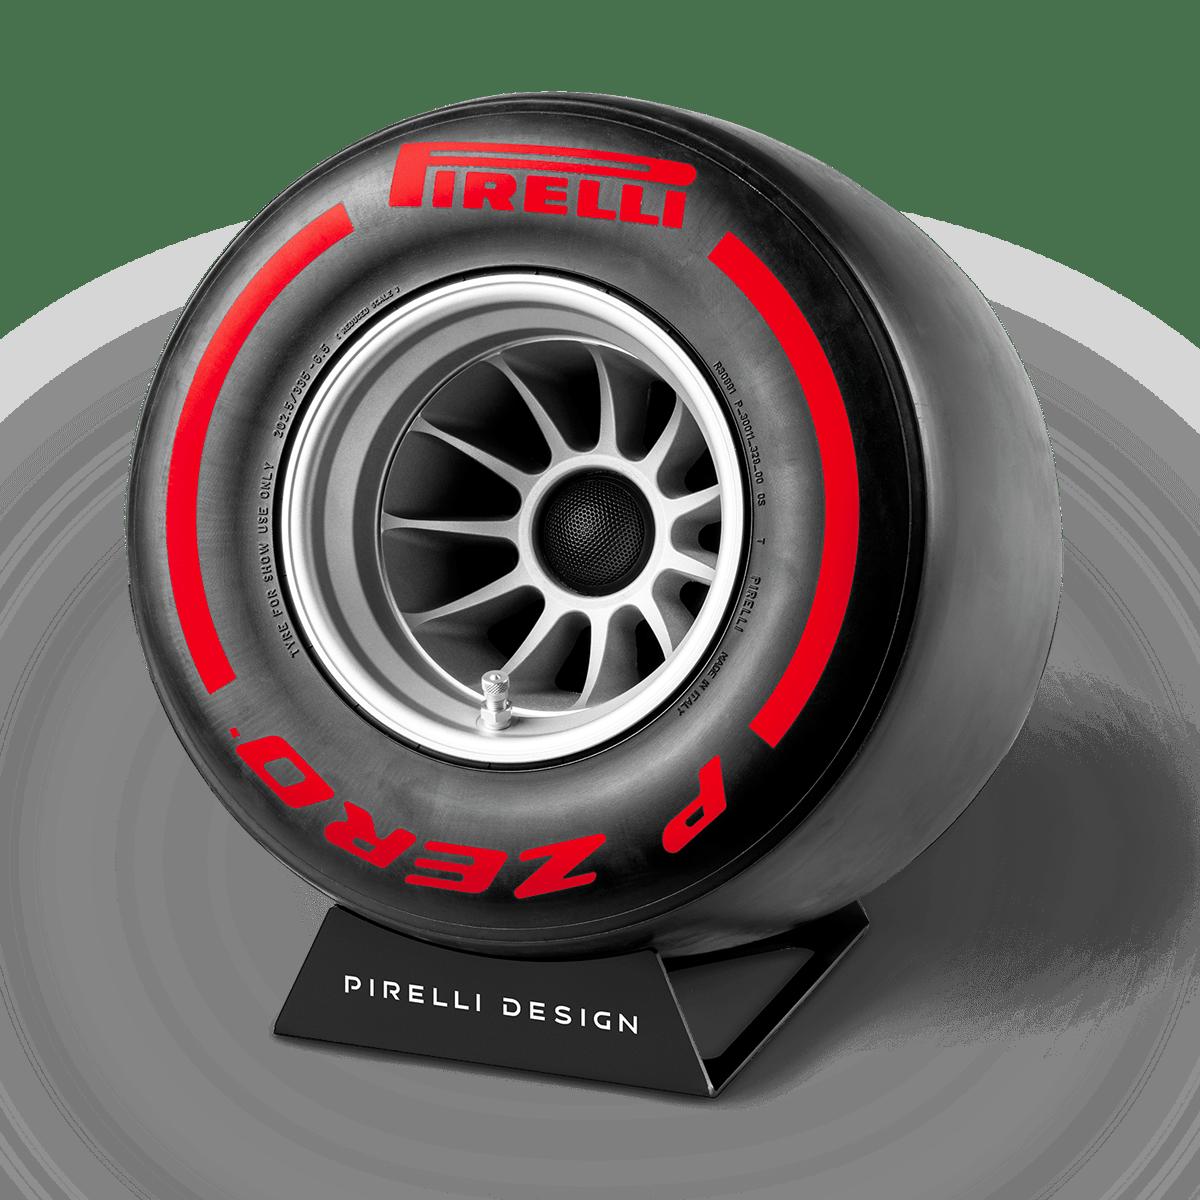 Pirelli P ZERO™ impianto stereo di design colore rosso